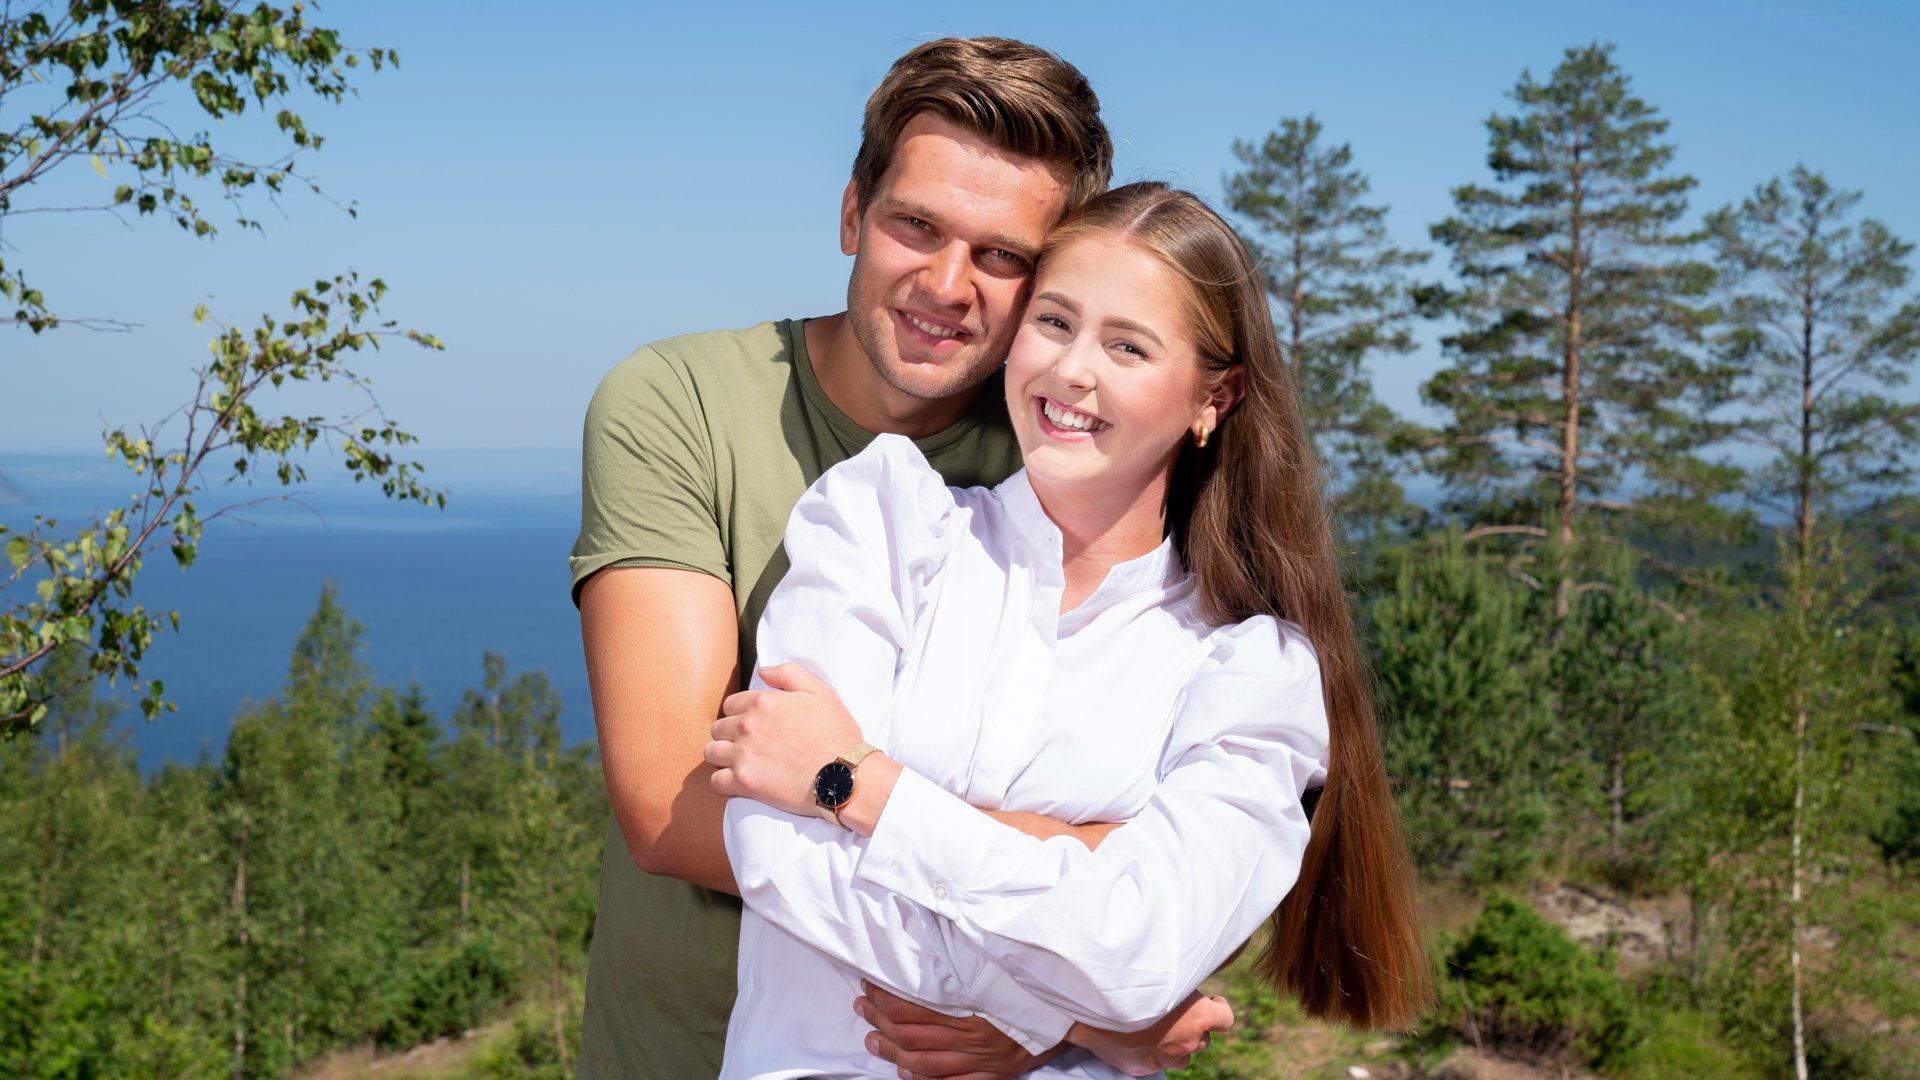 Modumpar deltar i Sommerhytta på TV2